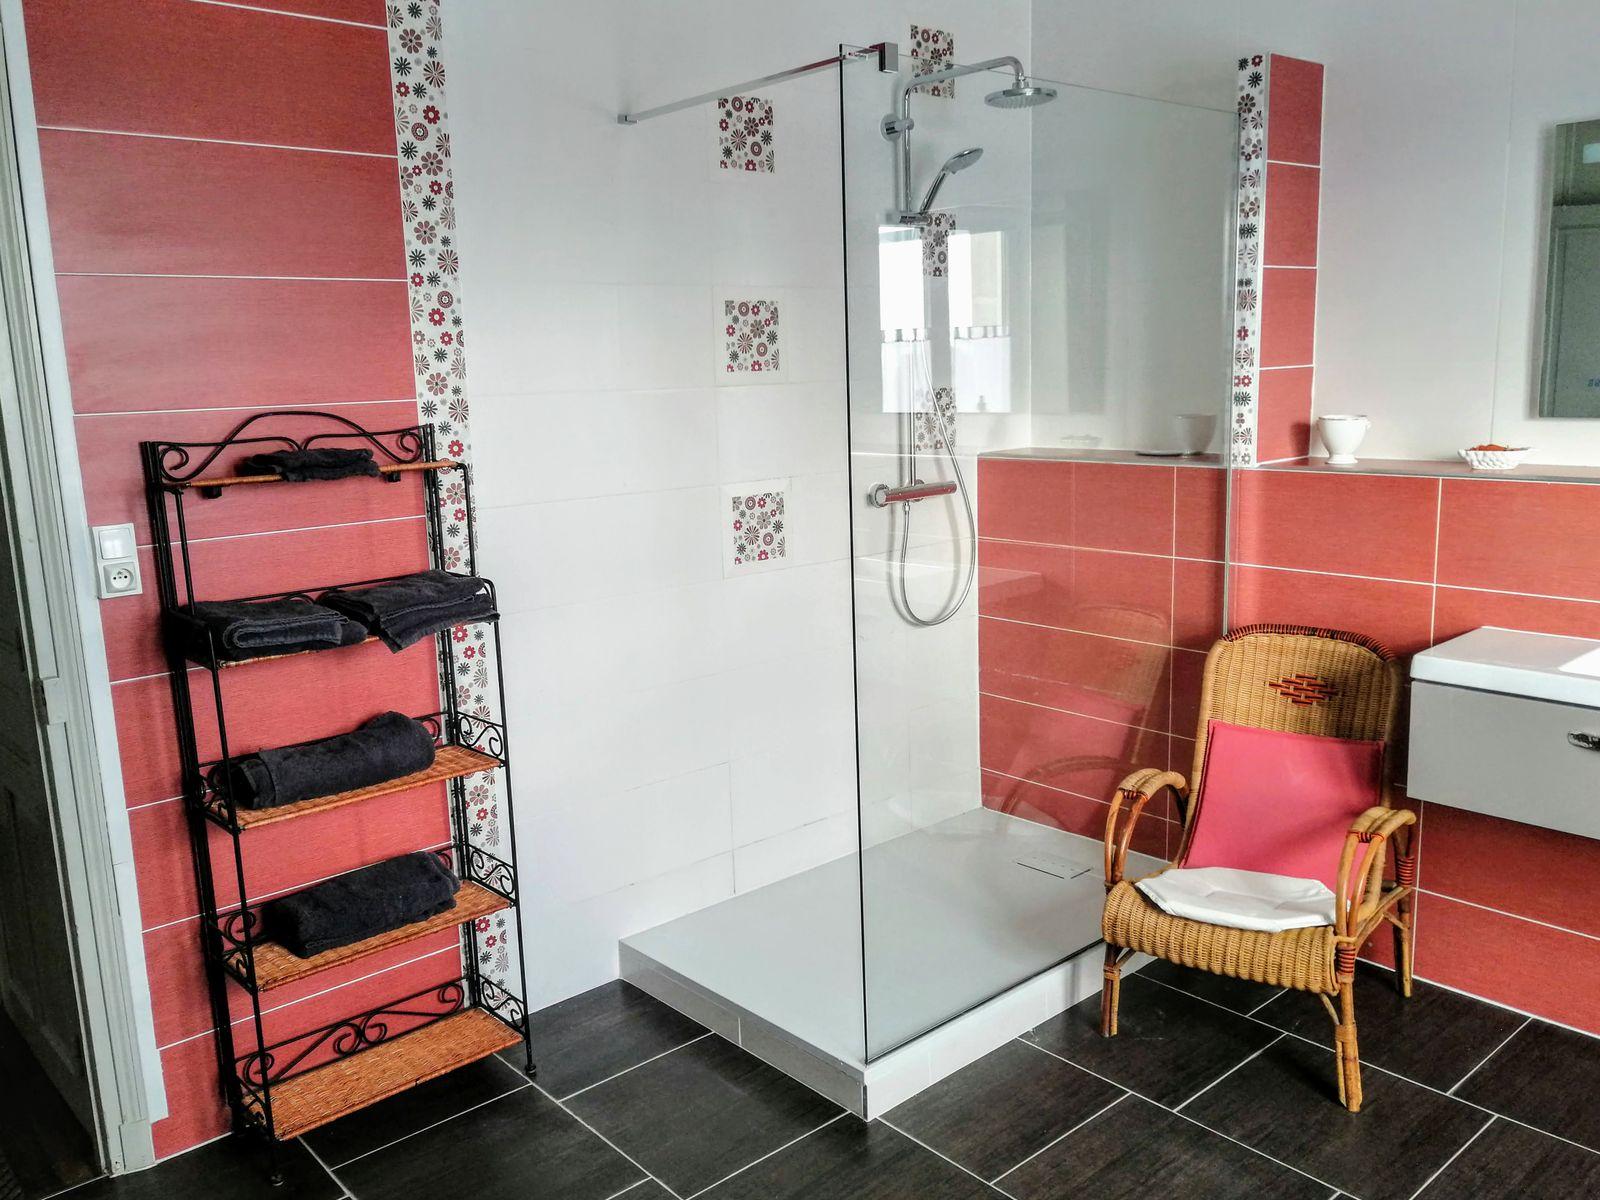 Salle de bain, douche.